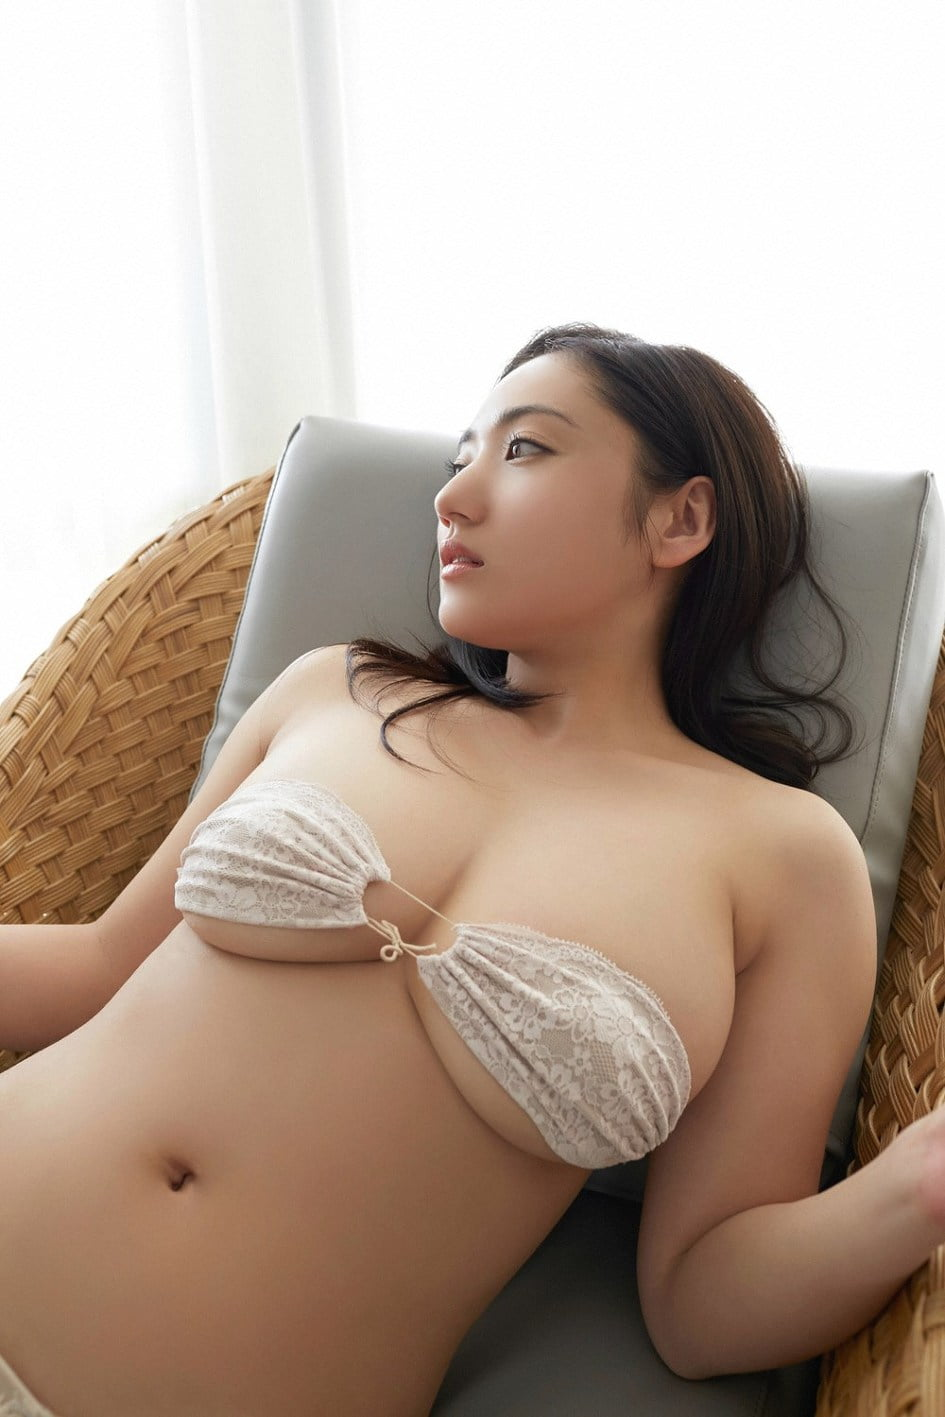 グラビアアイドル写真集|レジェンド紗綾ちゃんのグラビアまとめ画像パート9 100枚